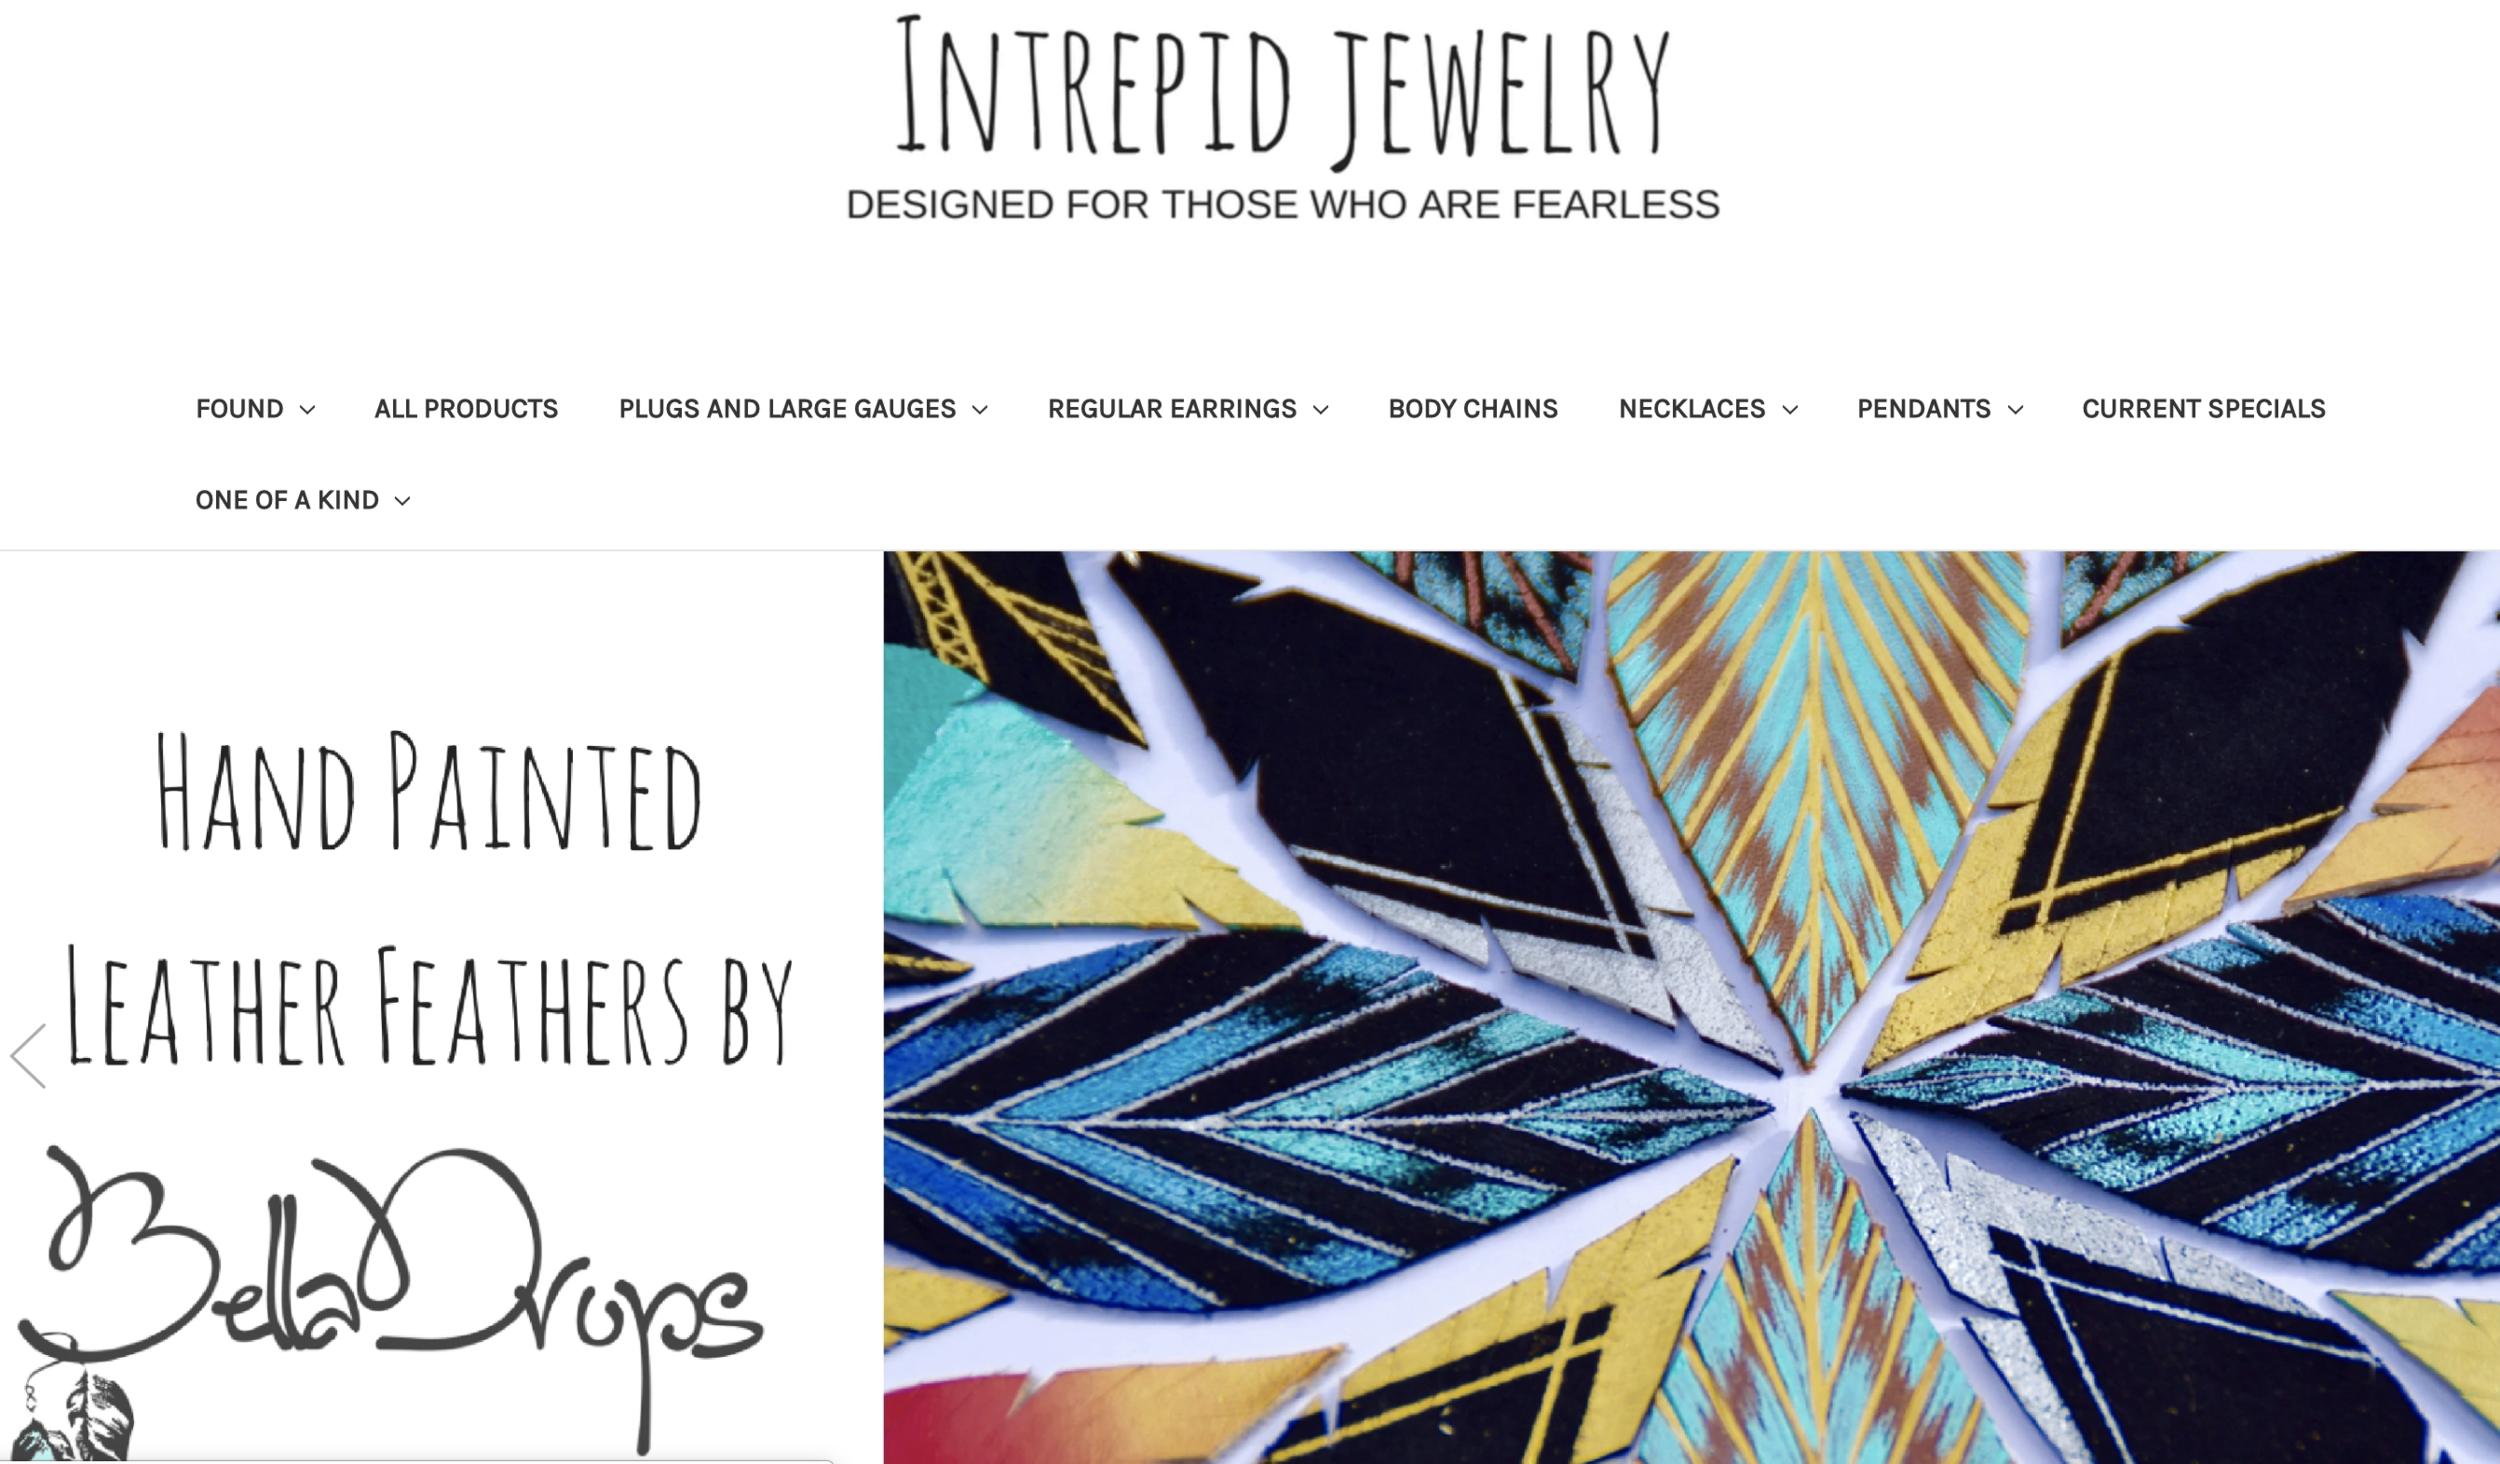 Intrepid Jewelry Online @ www.intrepidjewelry.com